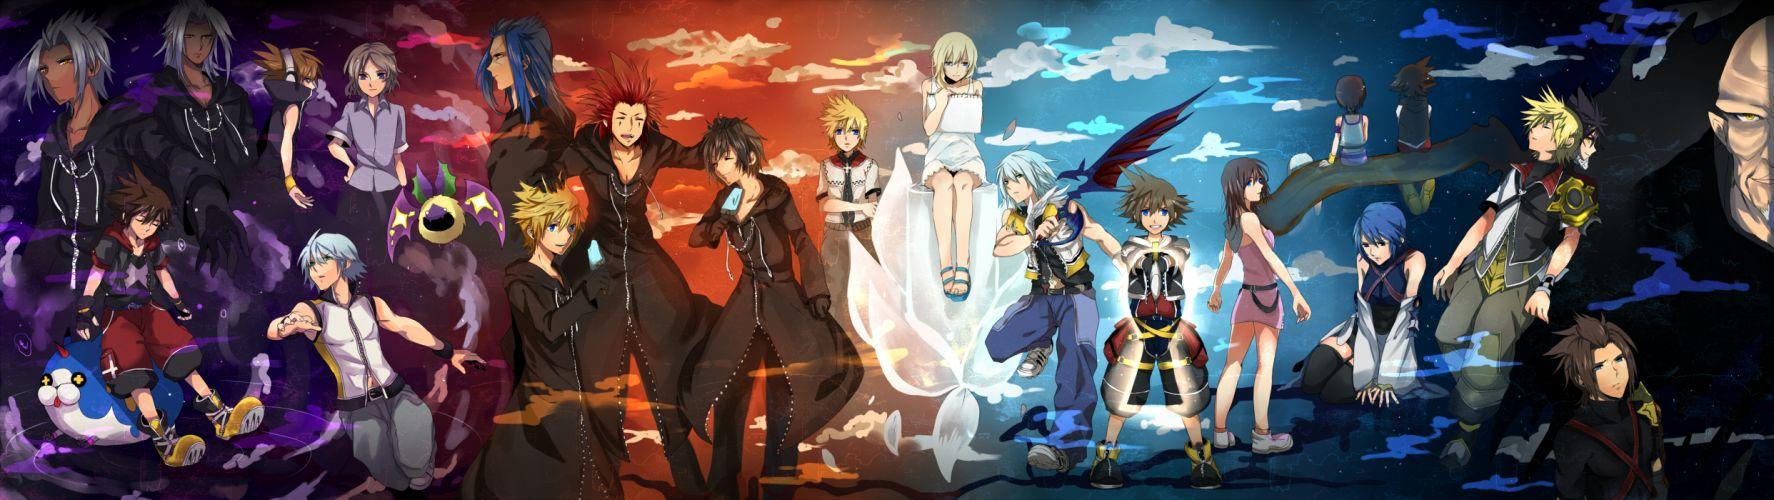 Dual Monitor Wallpaper Kingdom Hearts 1774x500 Wallpaper Teahub Io